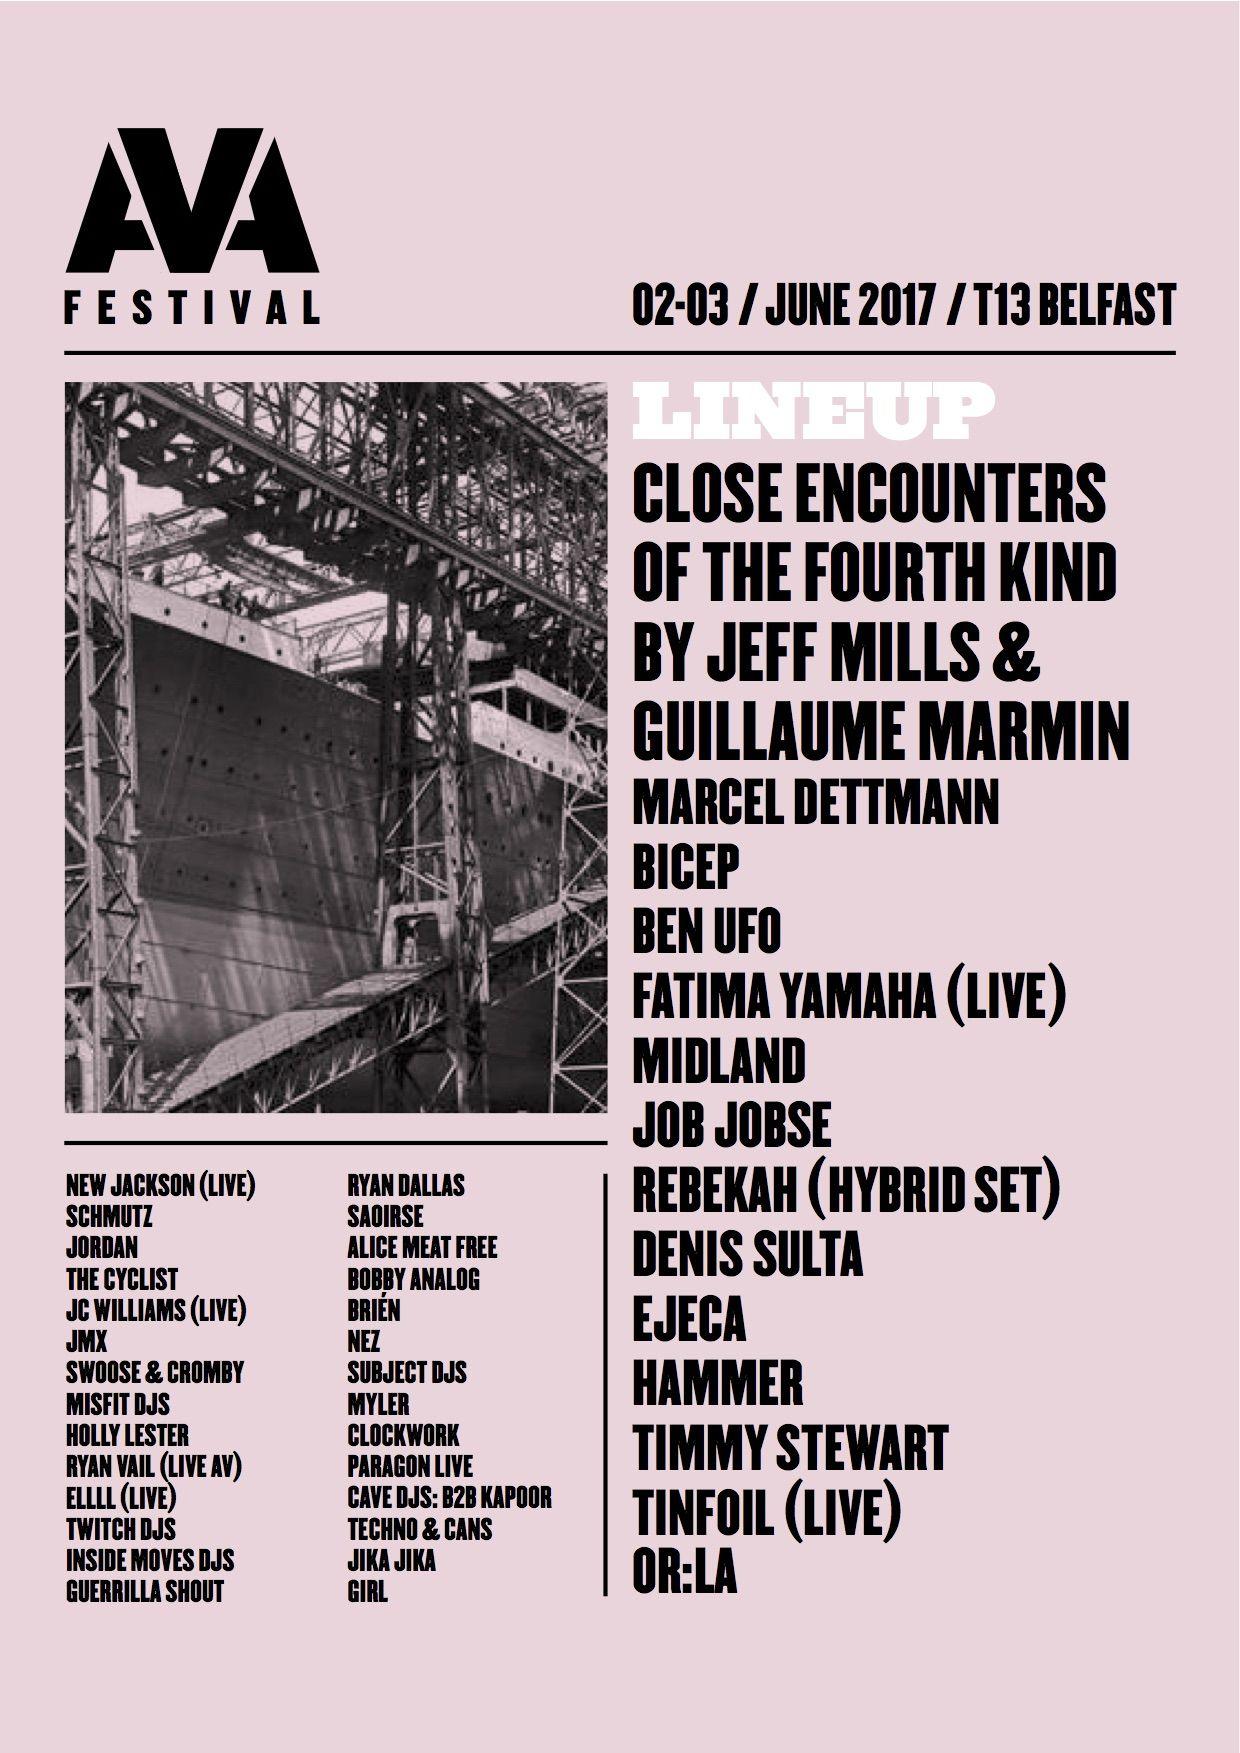 ava_festival_2017_lineup_poster.jpg